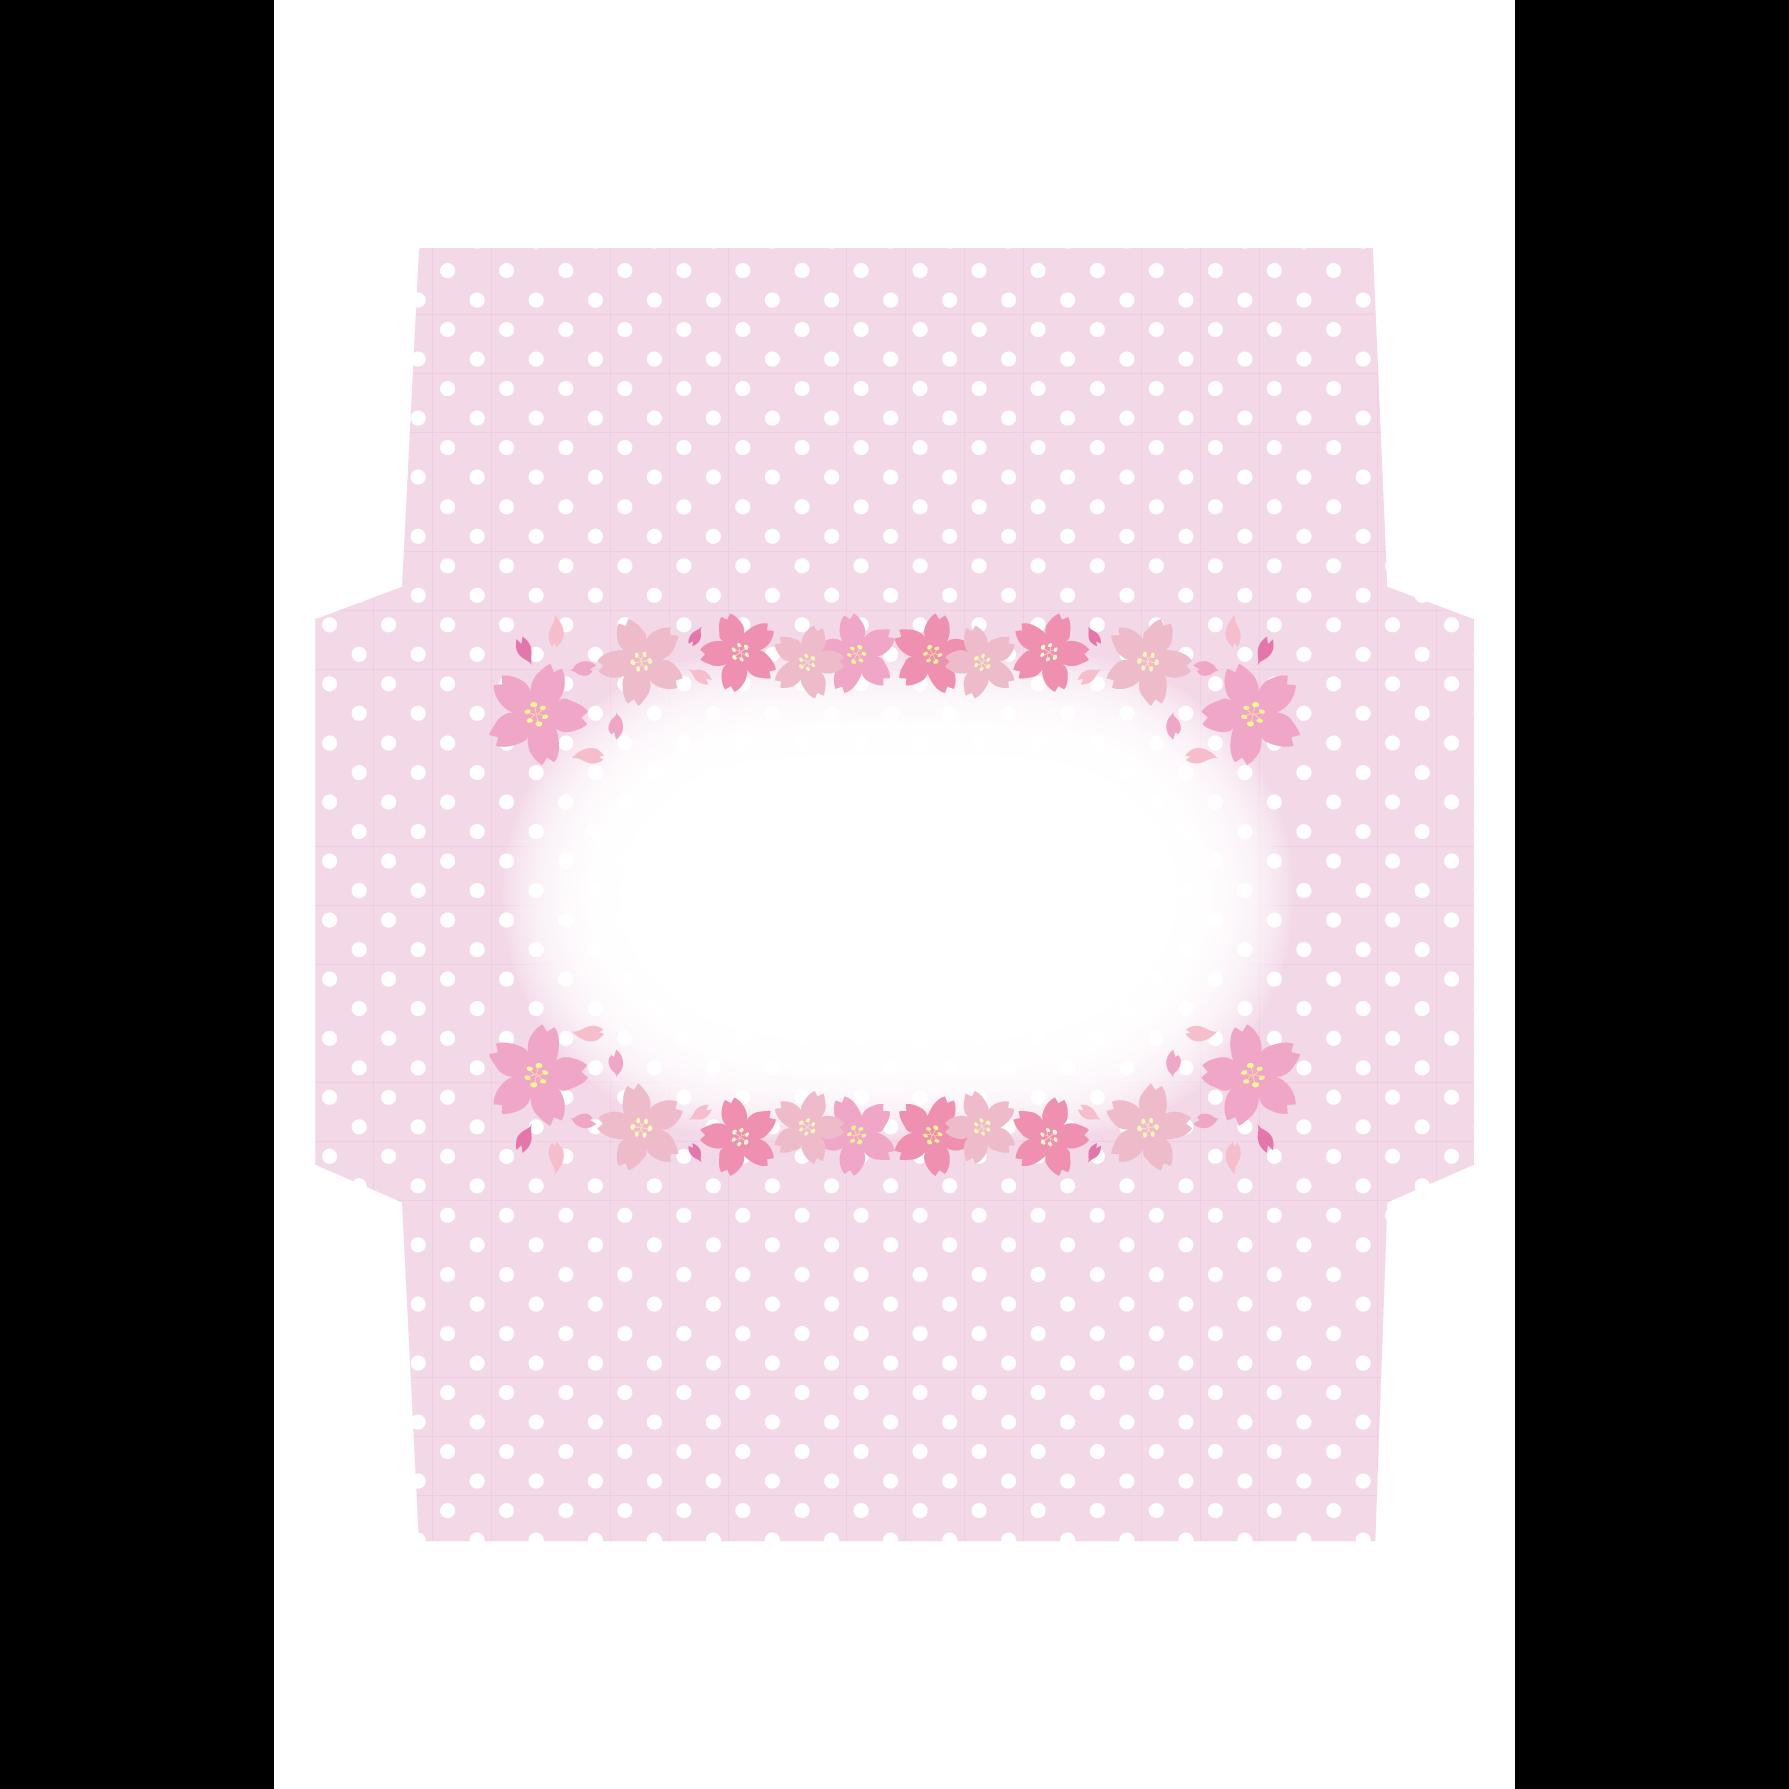 かわいい 桜の封筒 レターセットテンプレートイラスト 商用